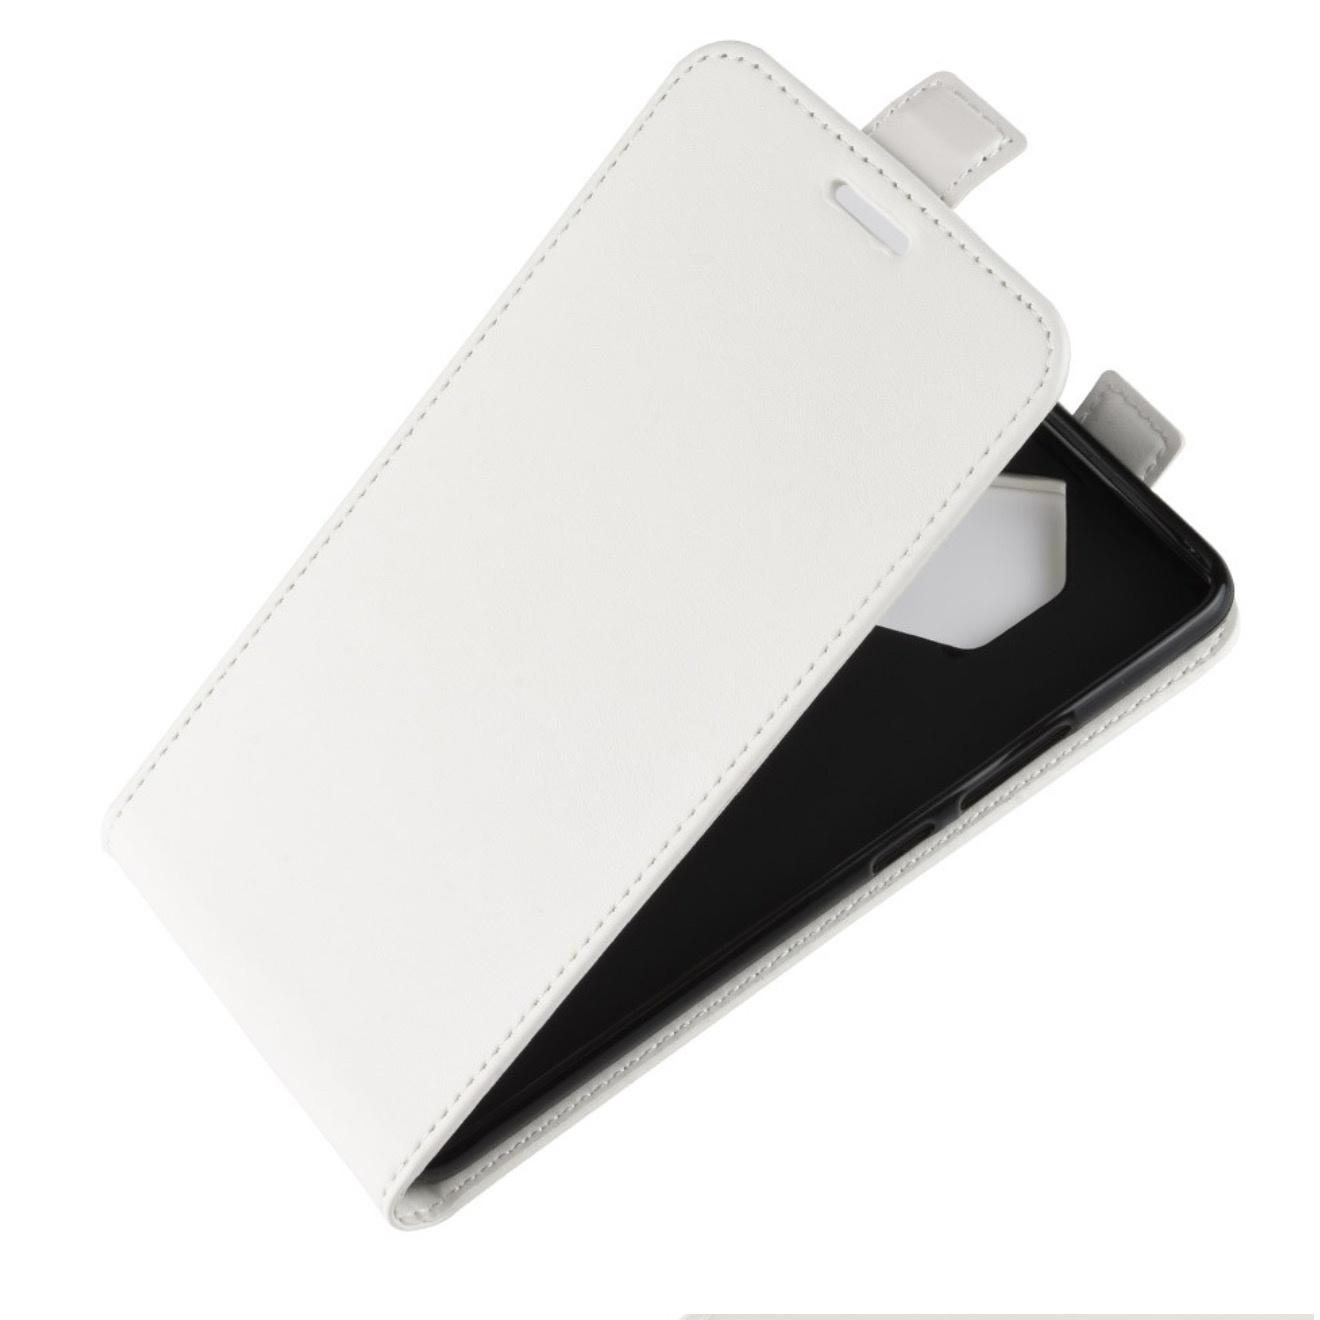 все цены на Чехол-флип MyPads для Nokia Lumia 920 вертикальный откидной белый онлайн